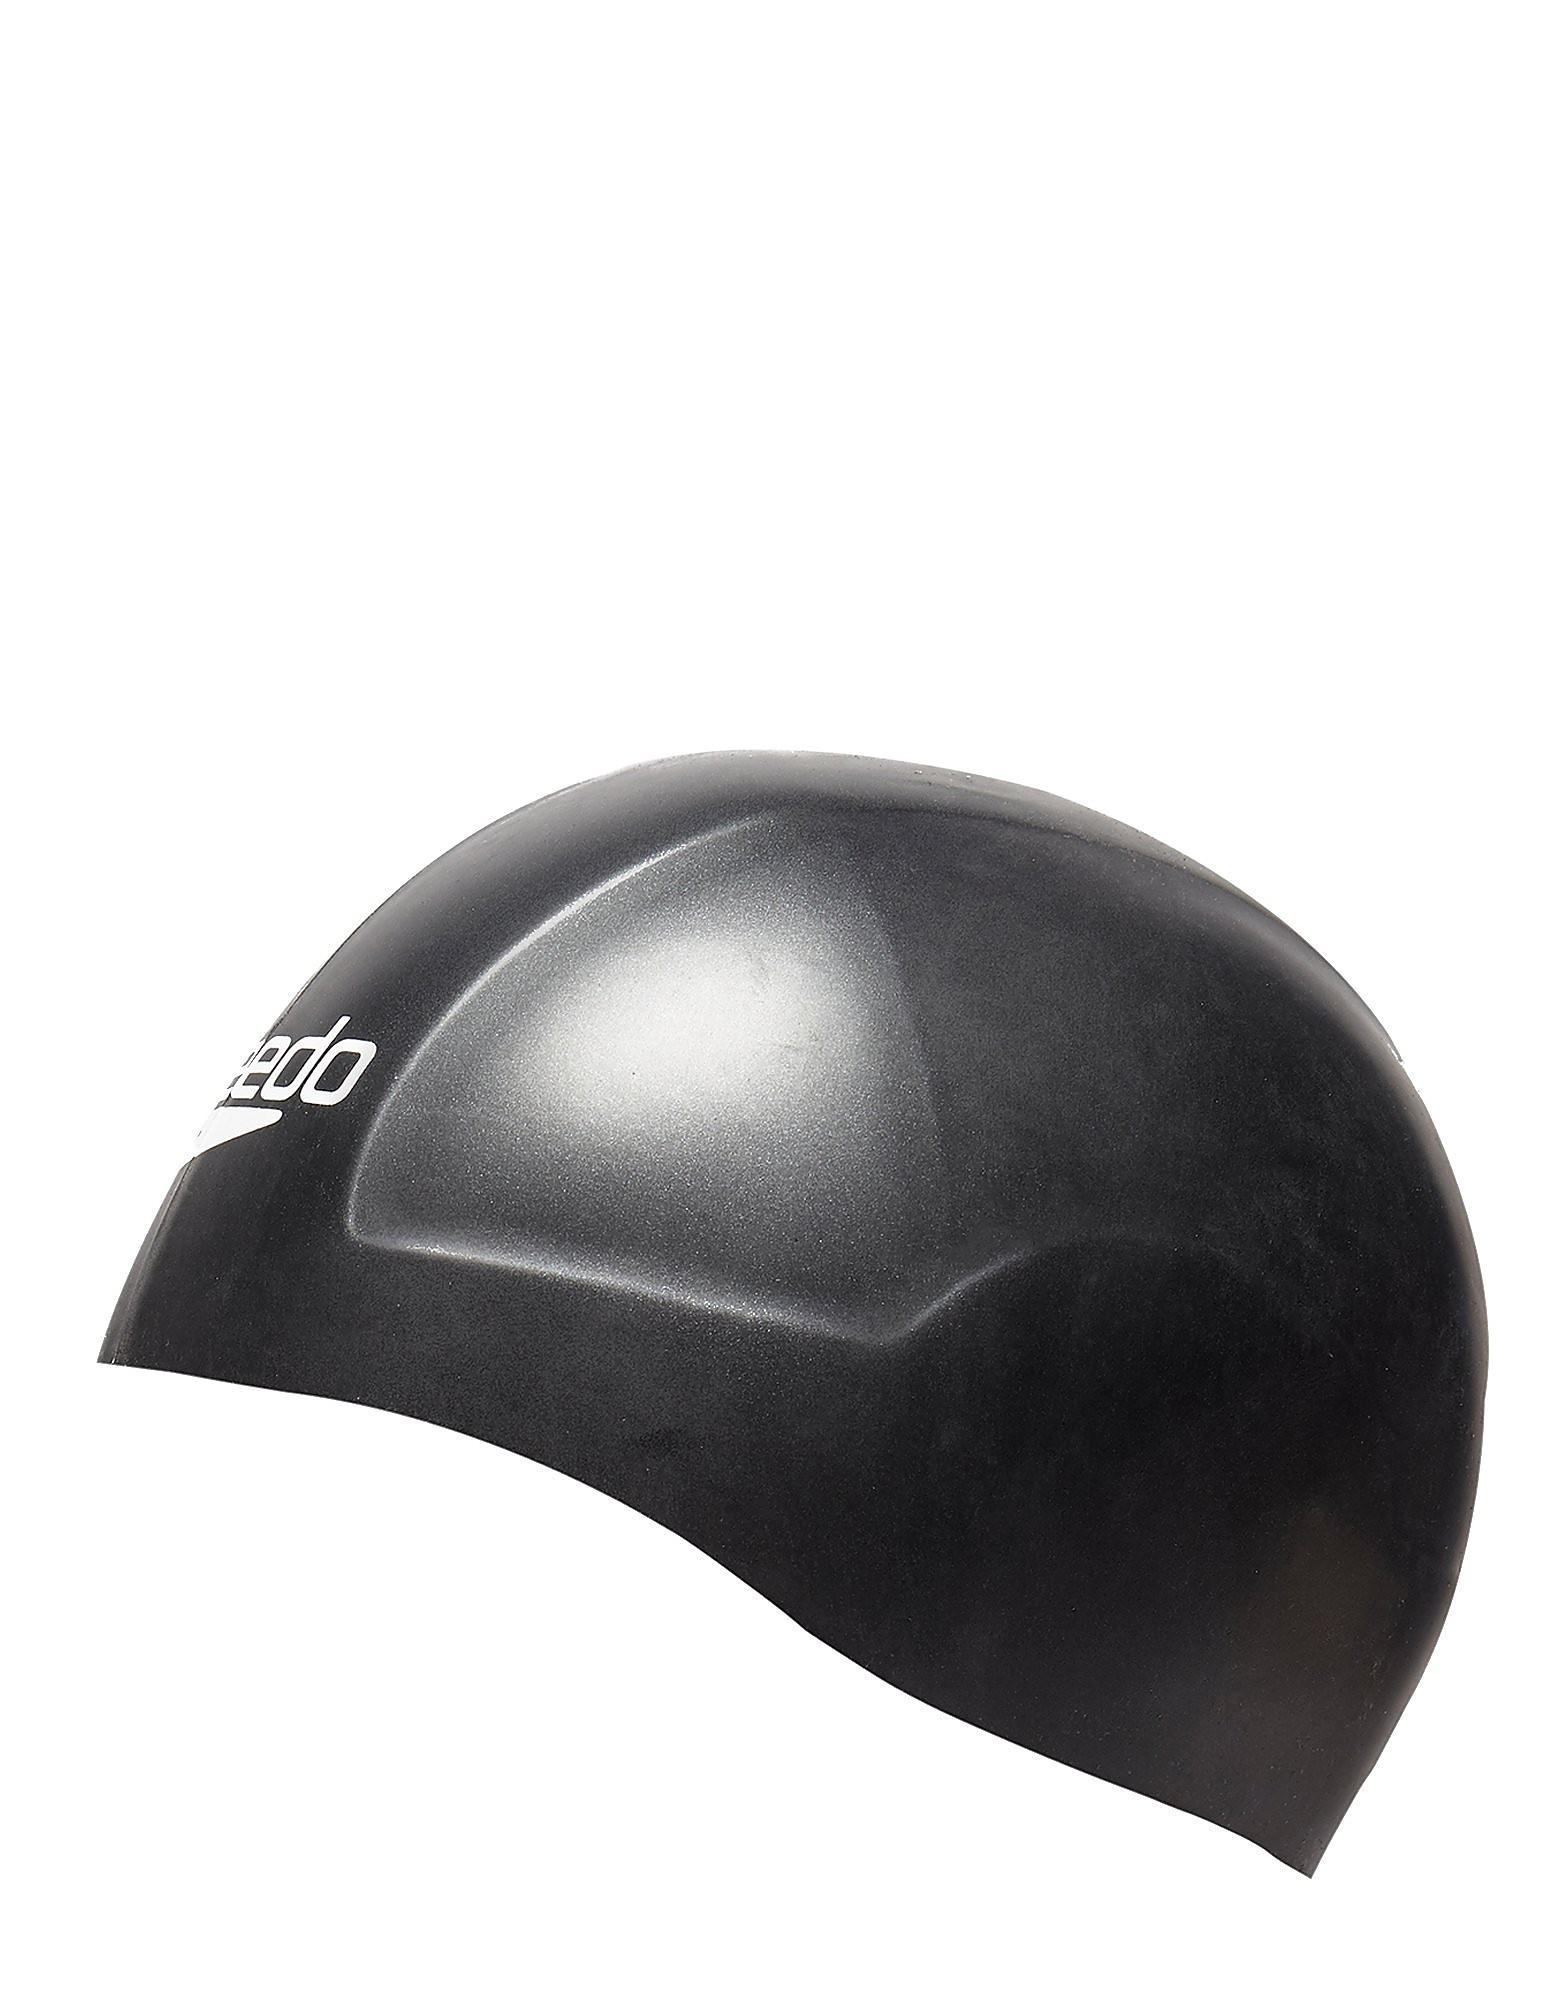 Speedo Aqua-V Swimming Cap